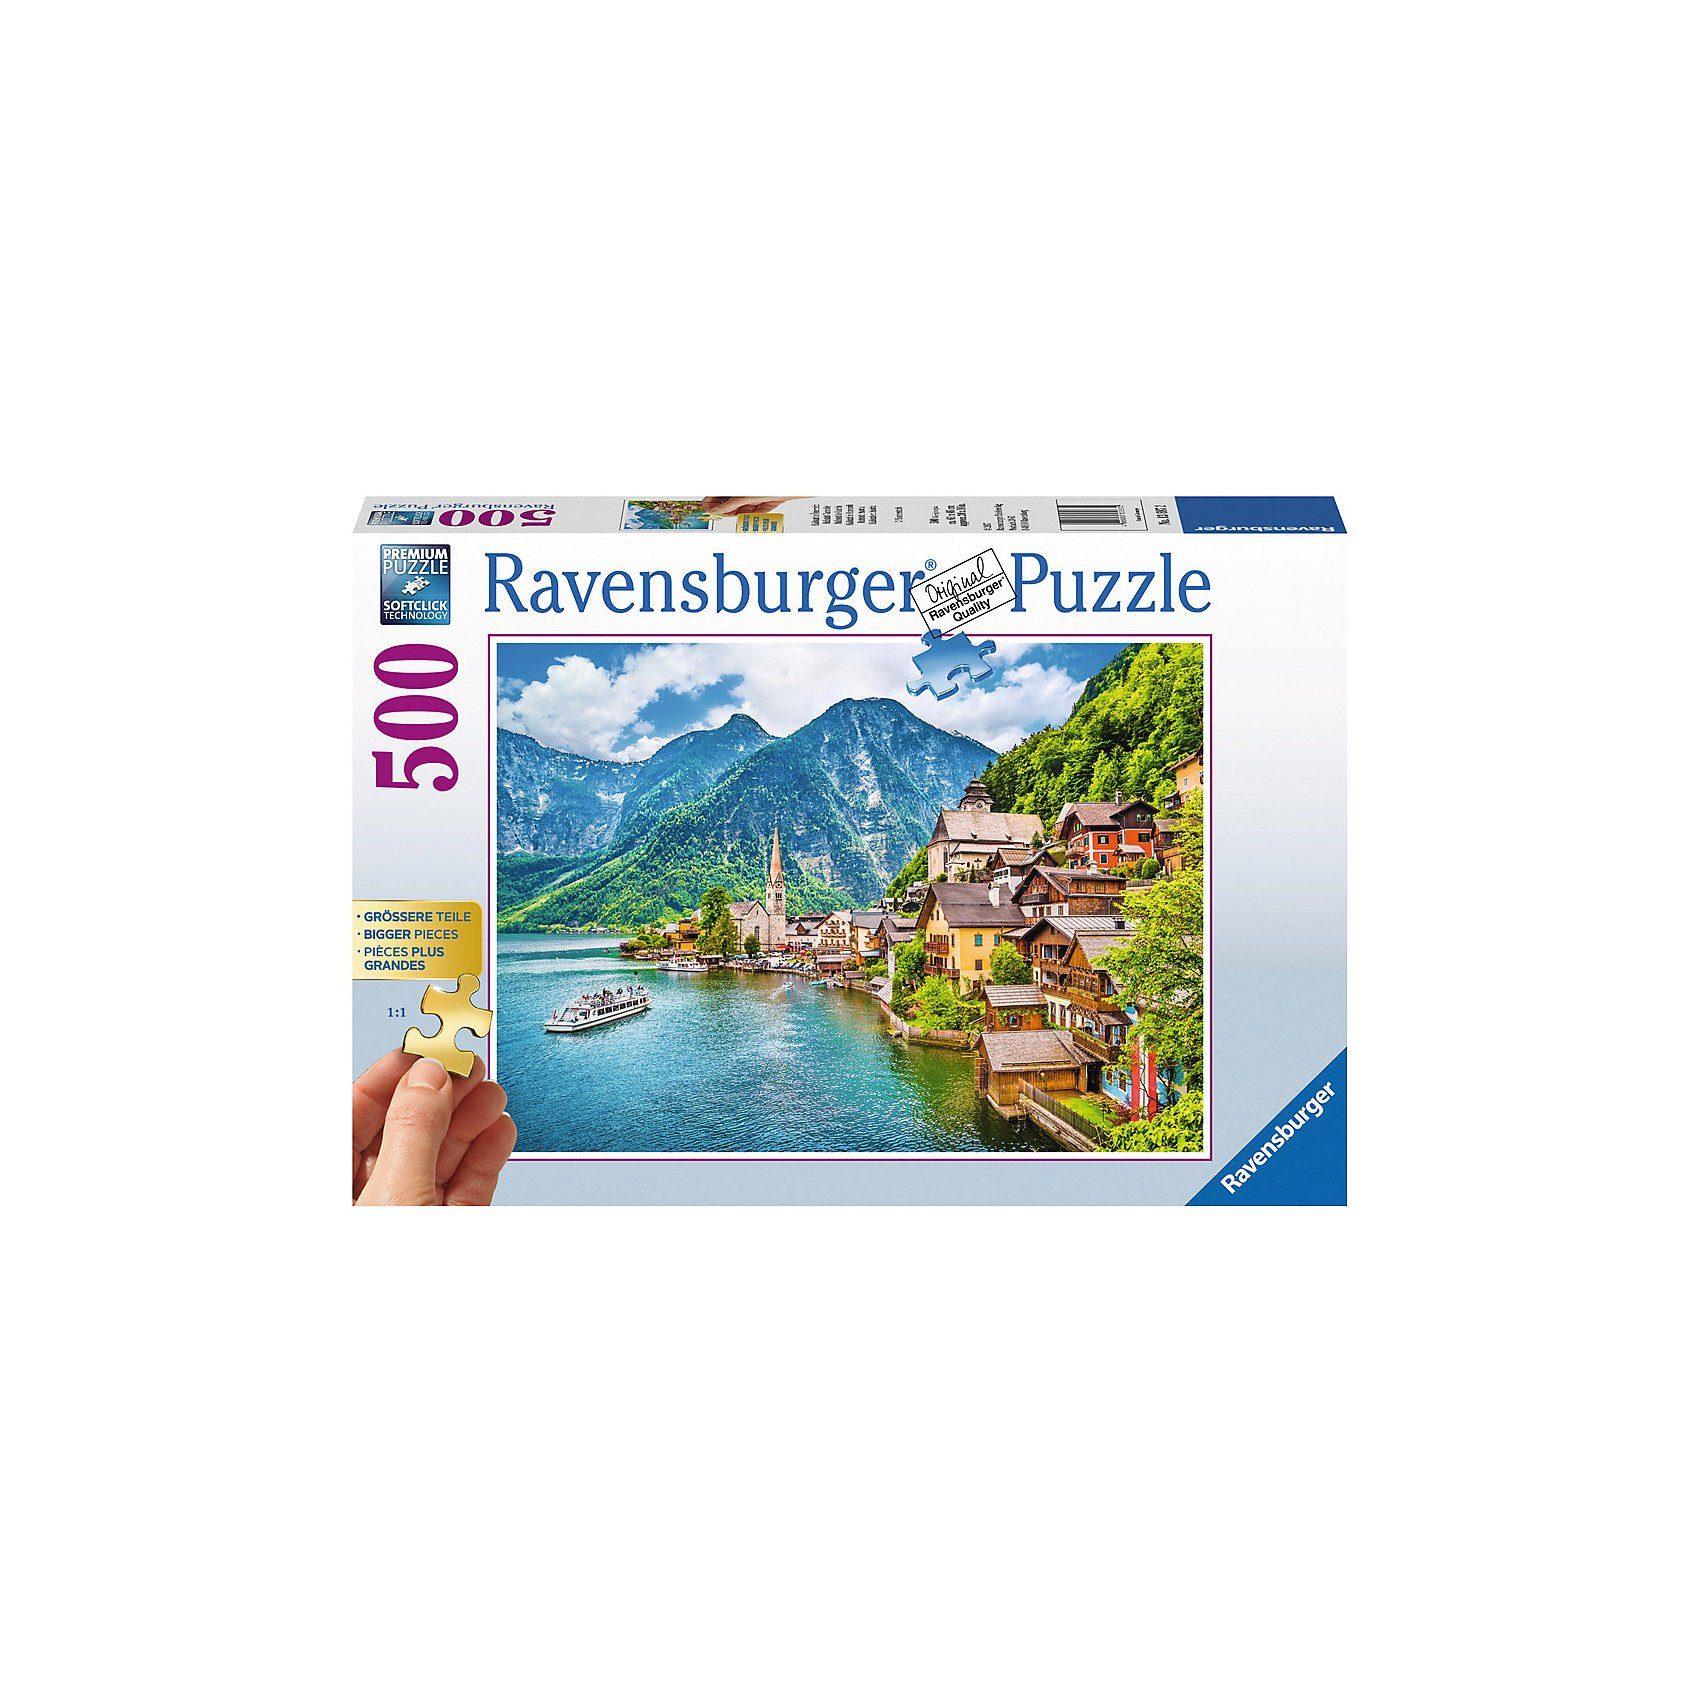 Ravensburger Puzzle 500 Teile, 61x46 cm, Gold Edition: größere Teile, Hal